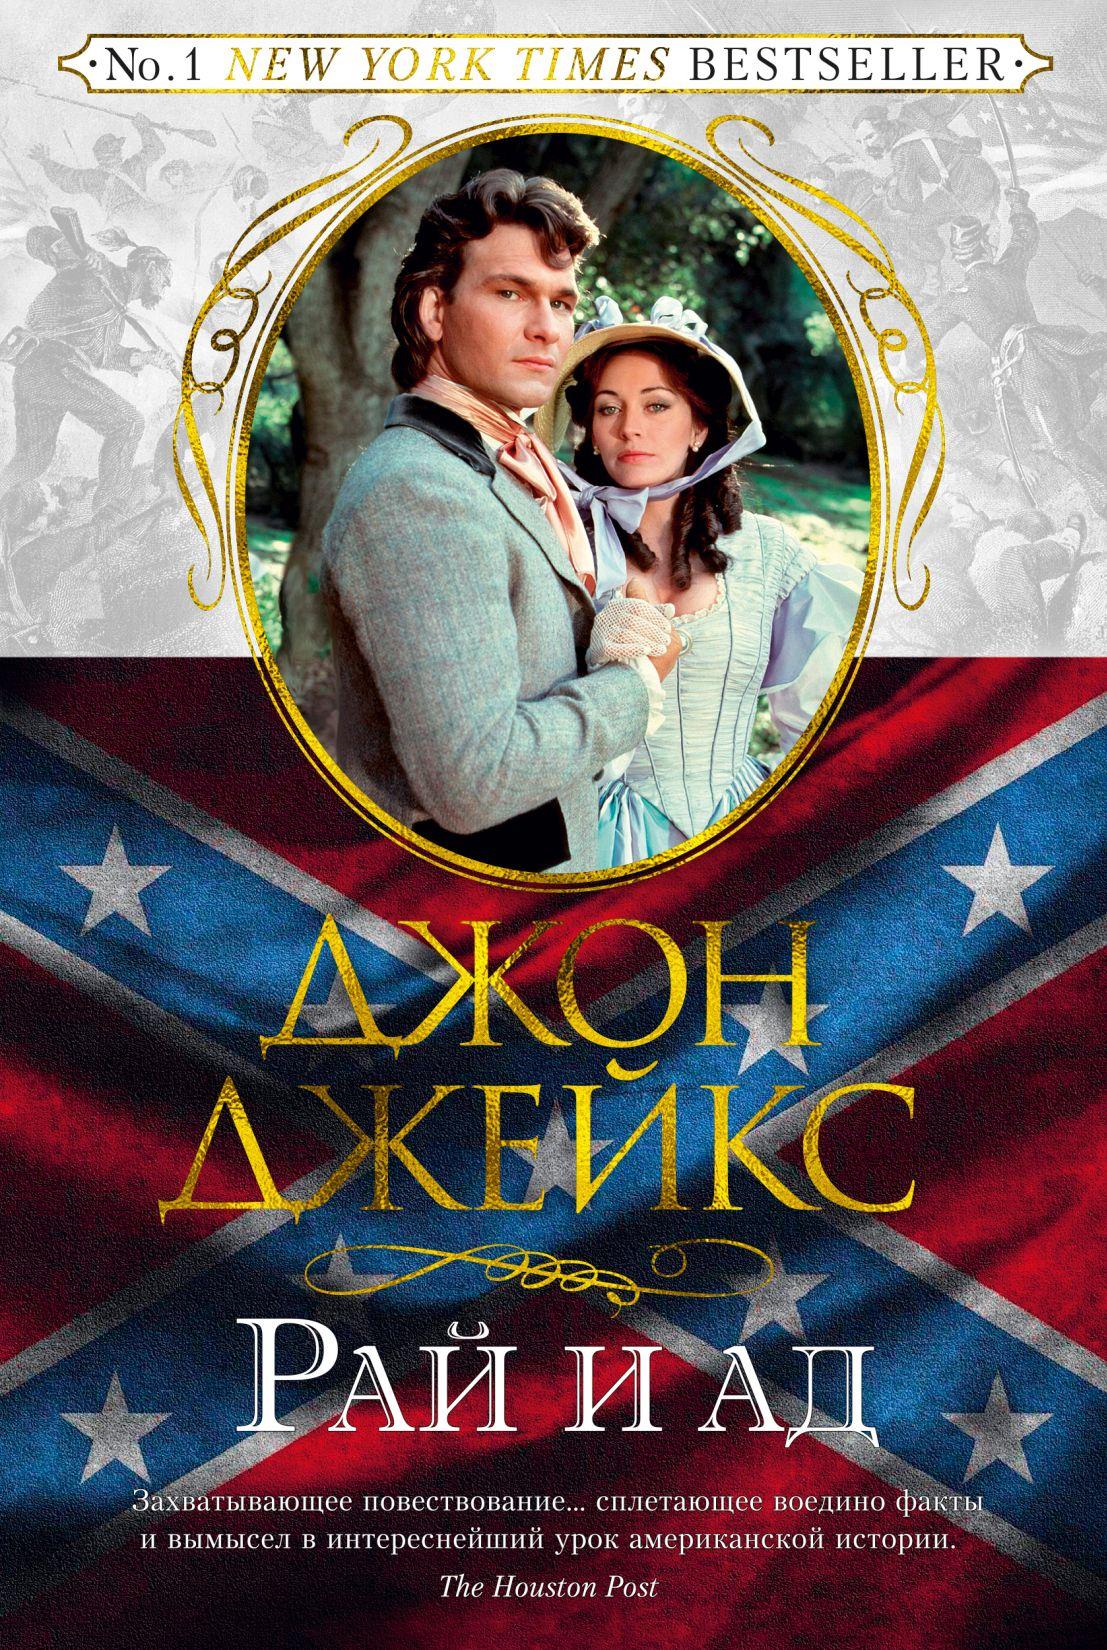 Рай и ад: Трилогия: Север и Юг: Кн.3: Роман